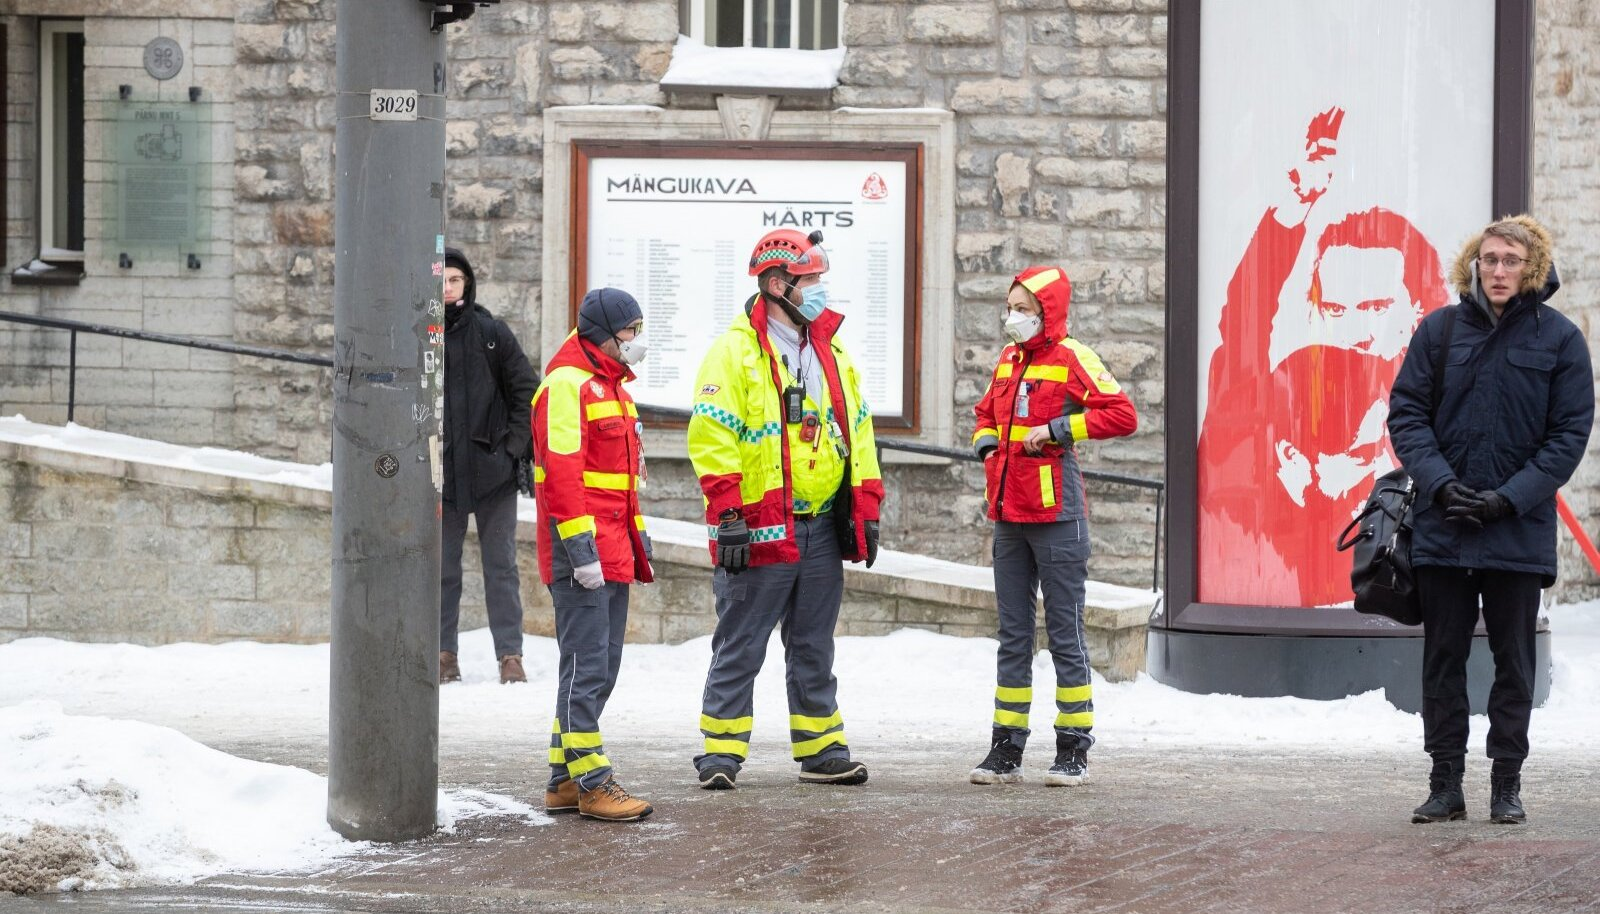 Tasuta kuuma joogi saavad vormirõivais kiirabitöötajad kõikides Circle K teenindusjaamades üle Eesti